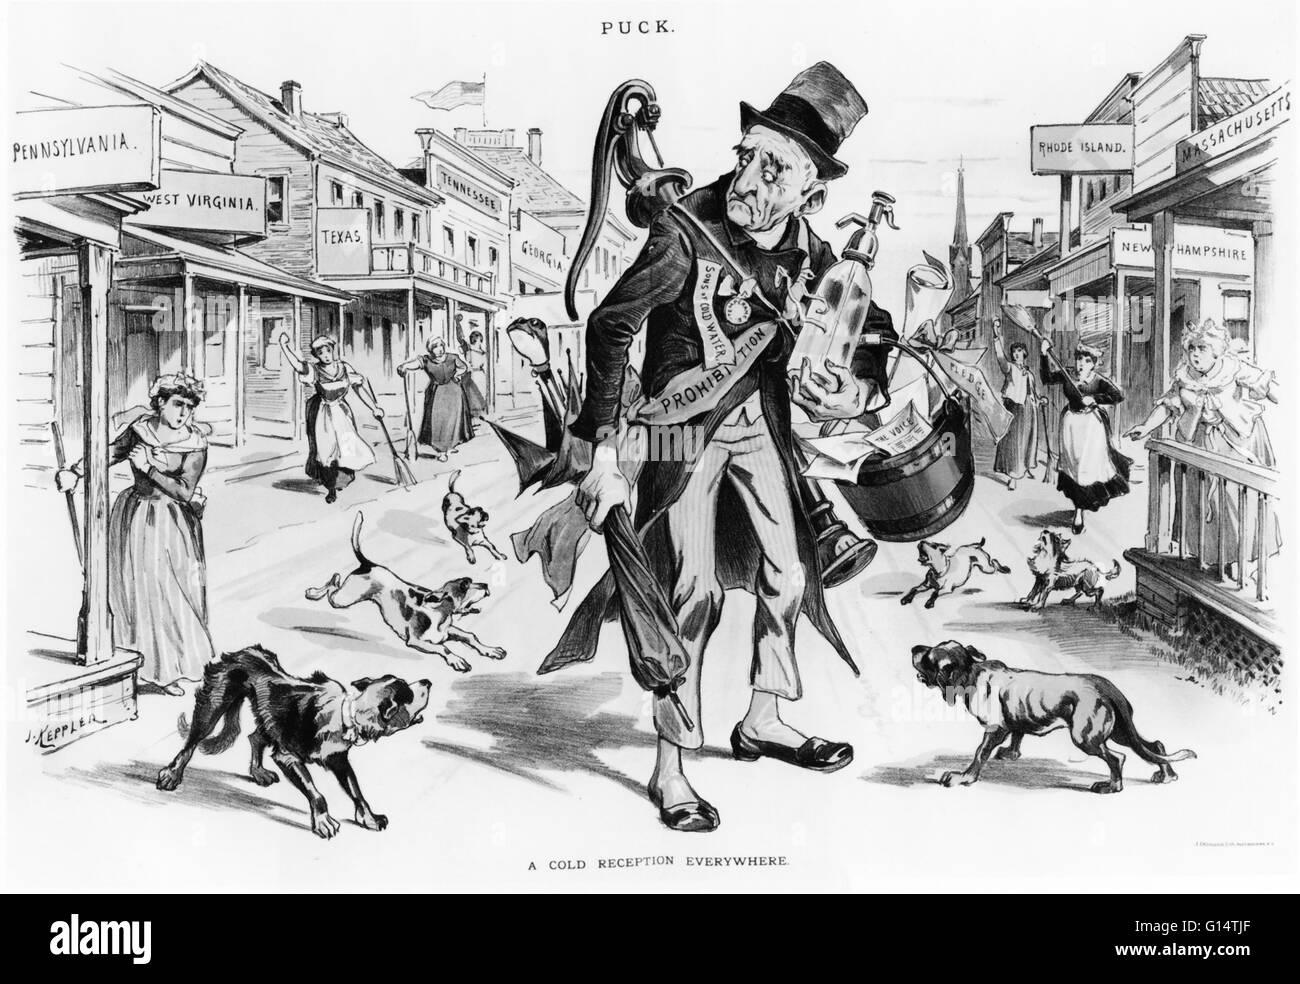 """Caricatura Política mostrando Viejo prohibición recibir 'una fría recepción en todas partes"""". Imagen De Stock"""